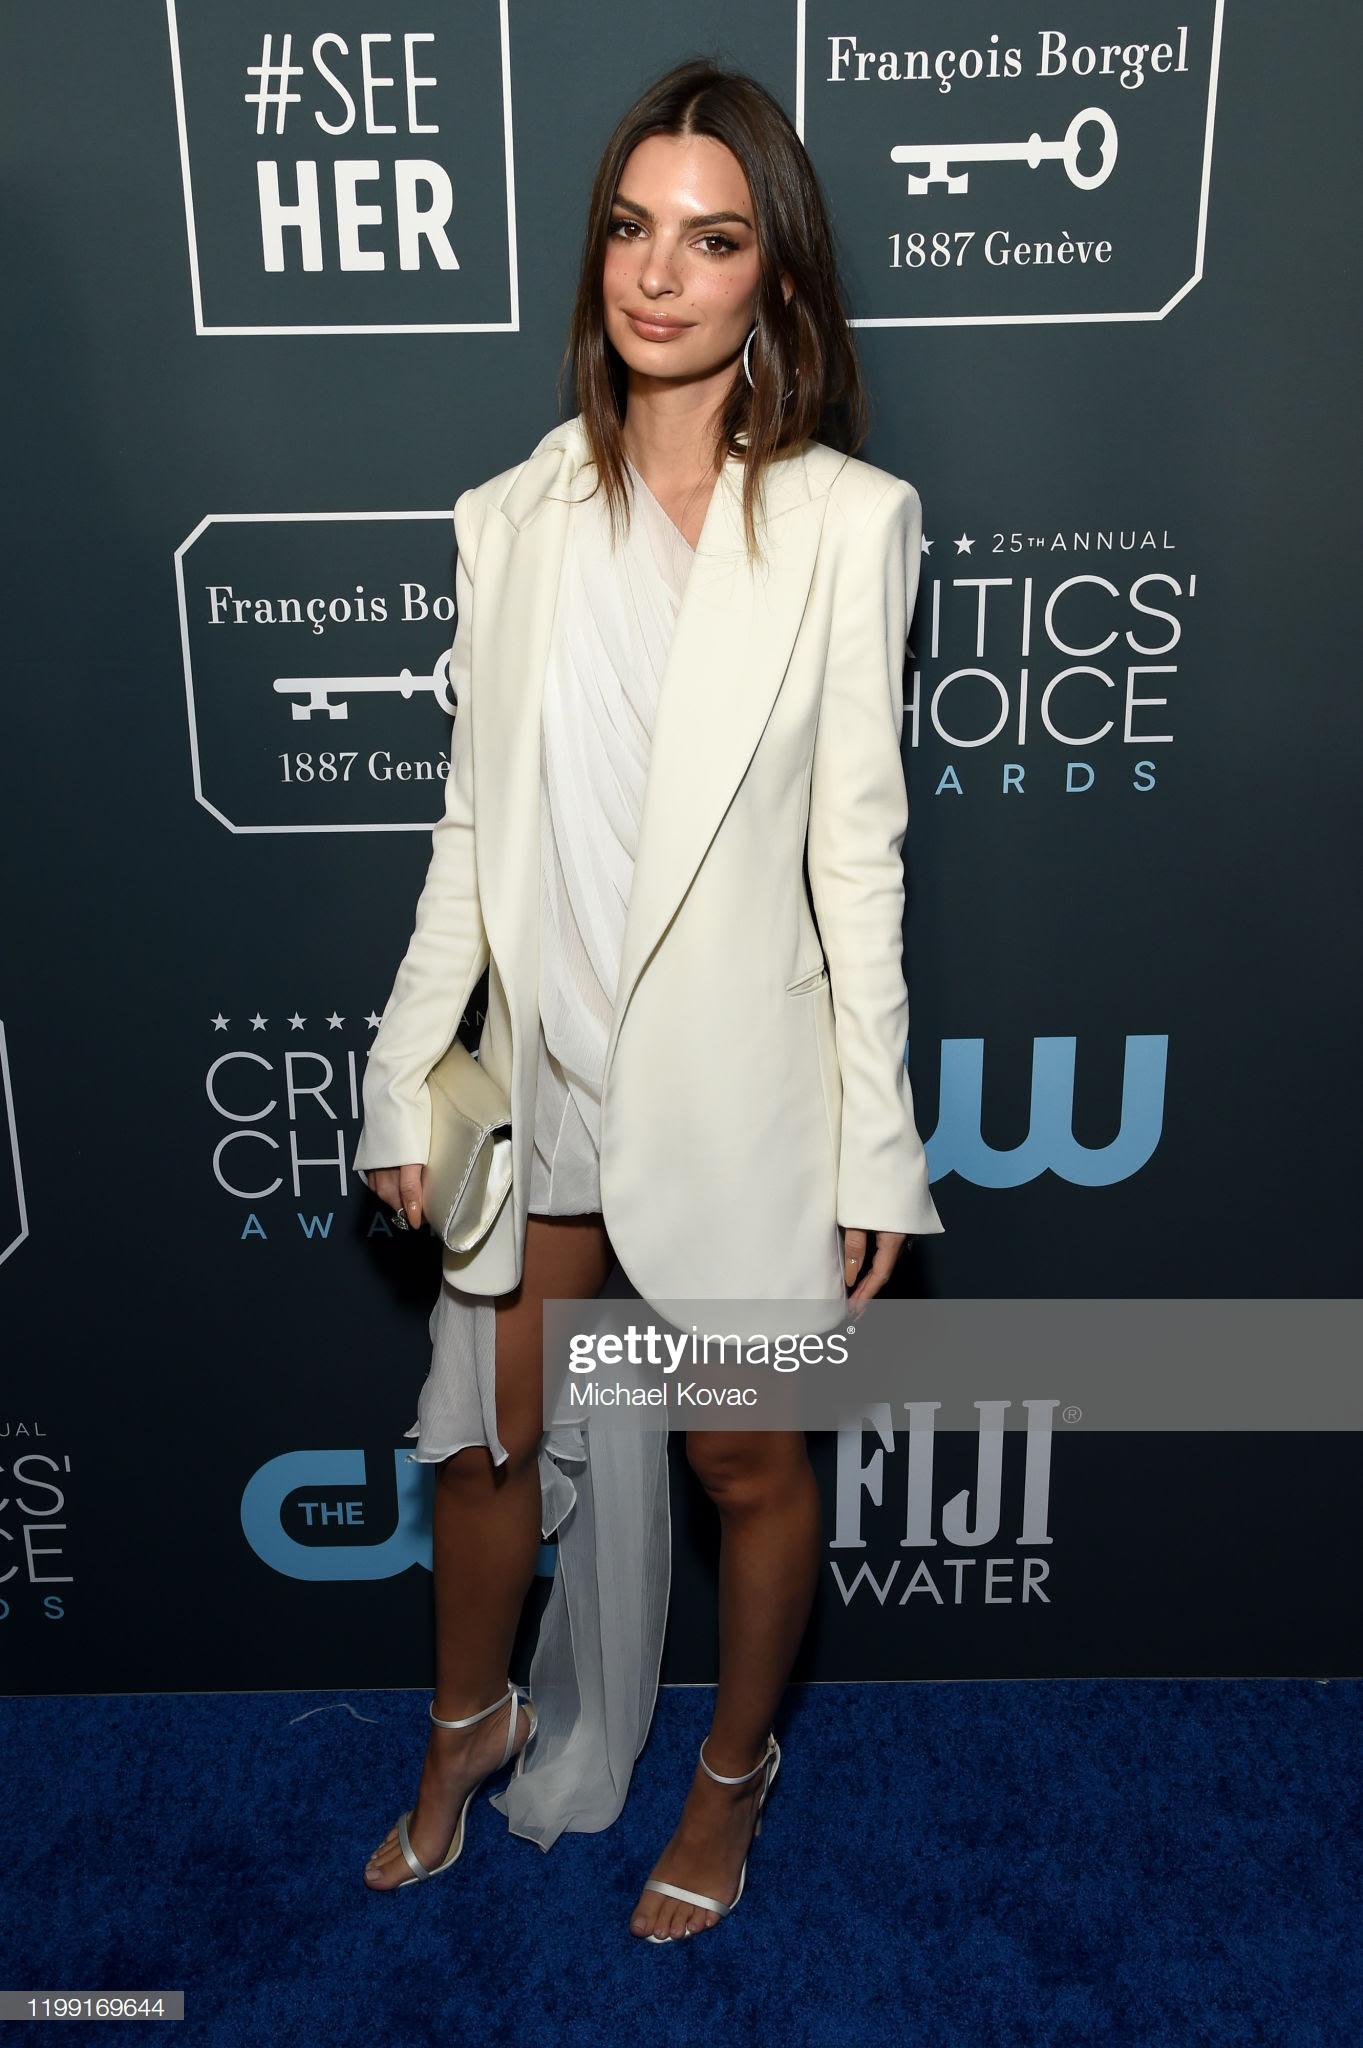 b2612d9b b757 43b0 85d0 5012b9233563 - Jennifer Lopez y Emily,entre las celebrities que apostaron por Jimmy Choo en los Critics' Choice Awards